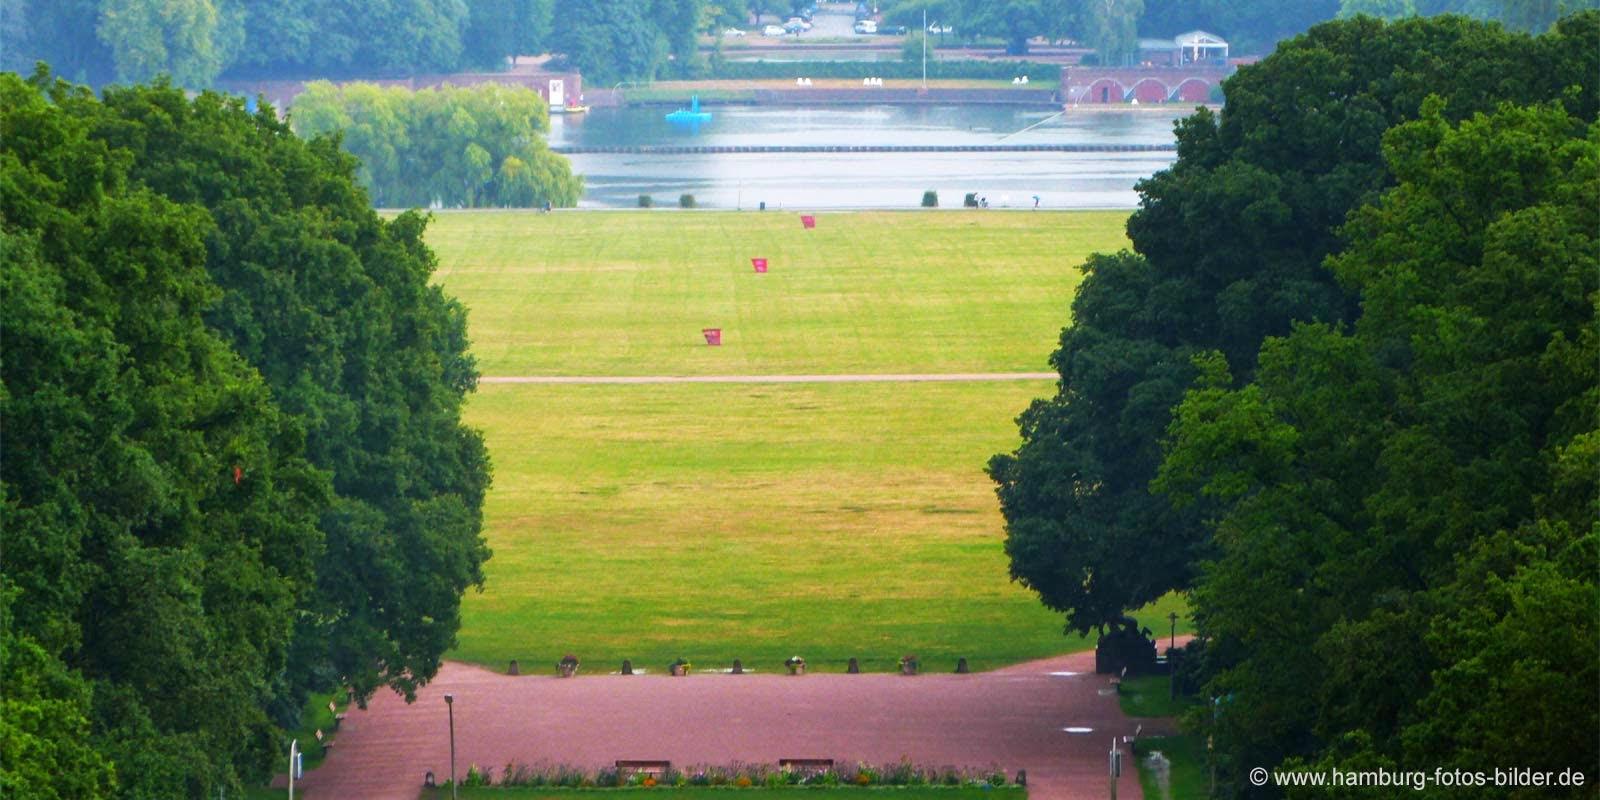 Planetarium Hamburg Aussicht, Blick von oben auf den Stadtpark